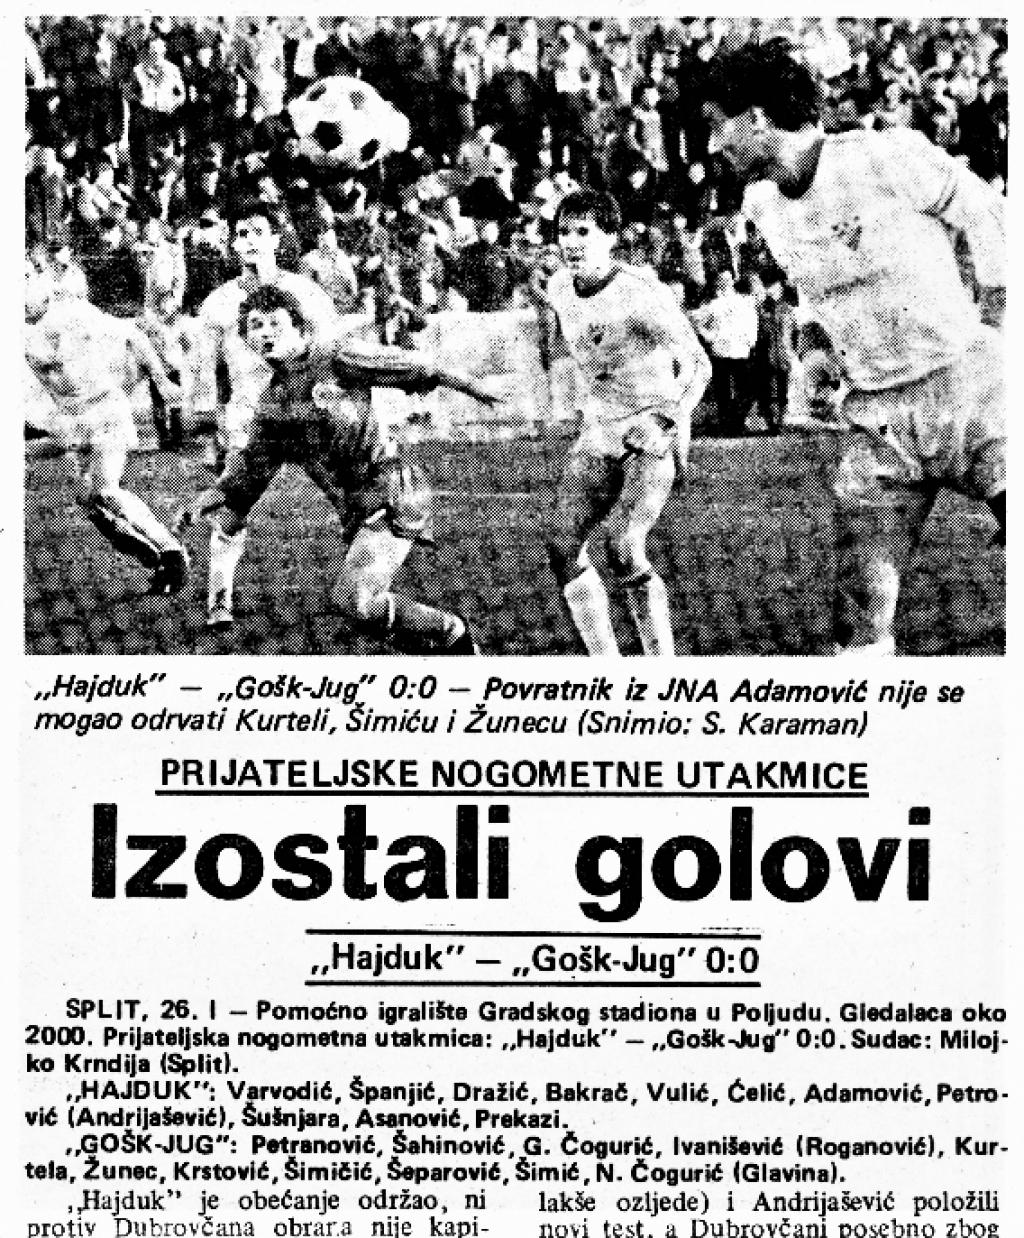 Slobodna Dalmacija: 26. siječnja 1985. igrali su u Splitu, na pomoćnom igralištu Poljuda Hajduk i GOŠK Jug bez pogodaka